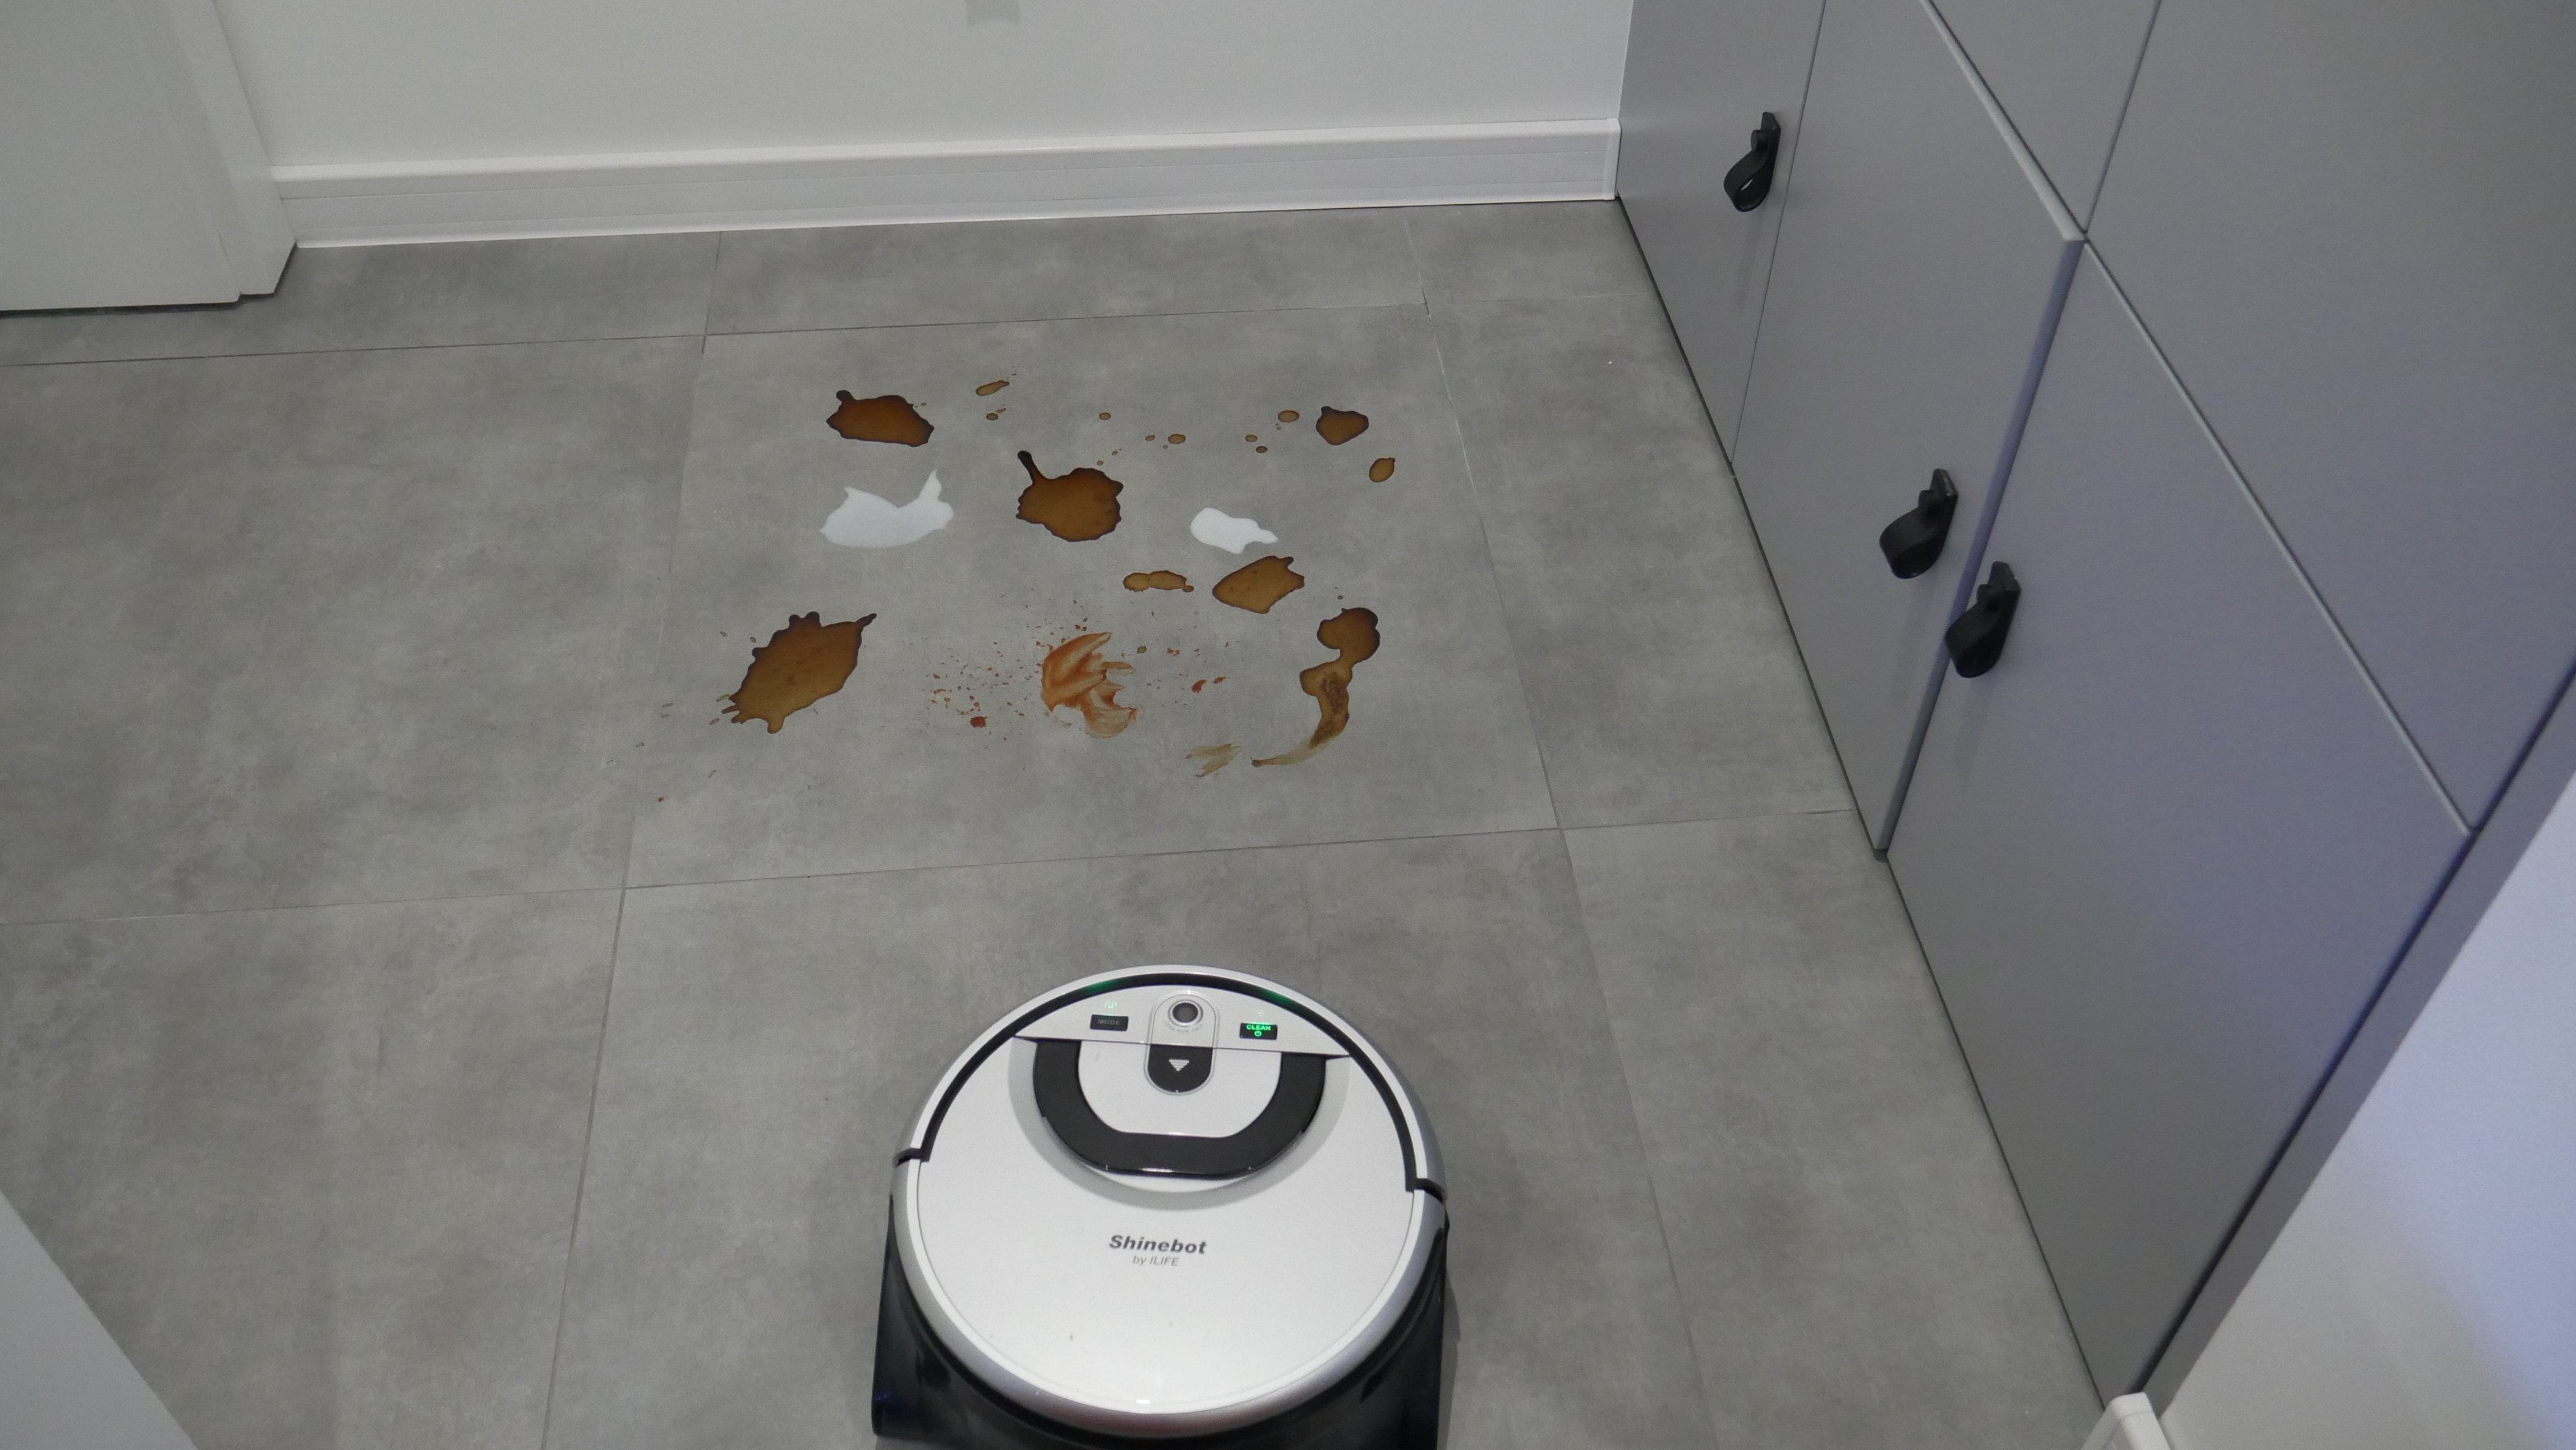 Recenzja ILIFE Shinebot W455. To robot stworzony do mopowania!